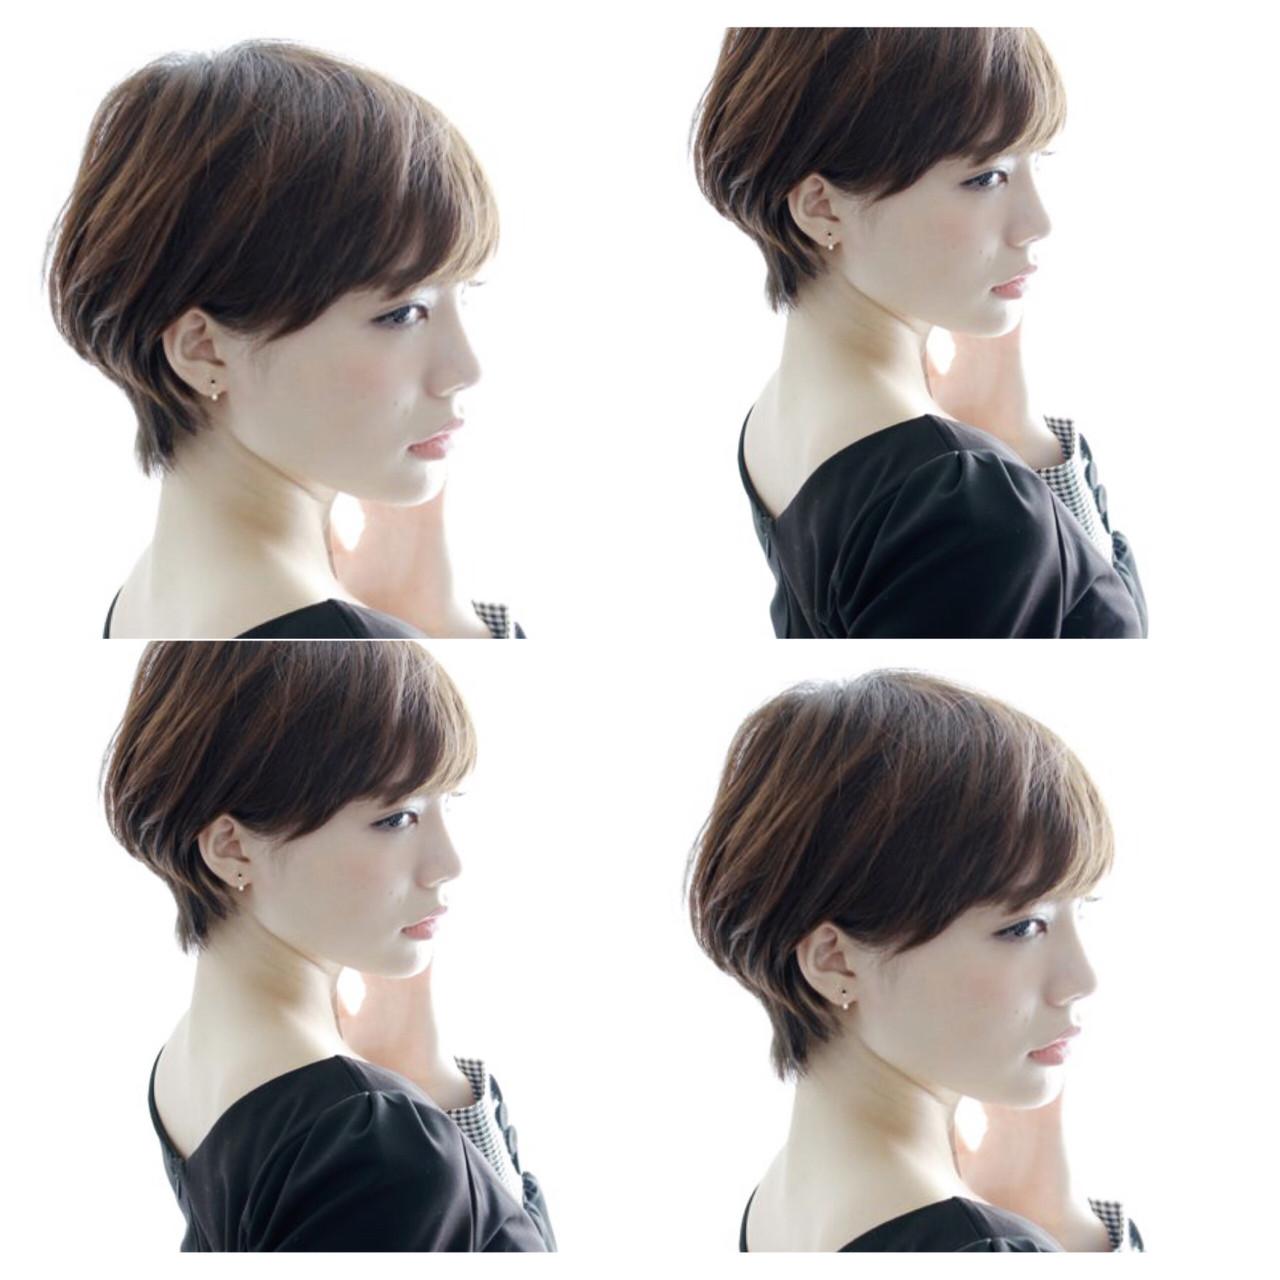 小顔ショート ショート ナチュラル ショートボブ ヘアスタイルや髪型の写真・画像